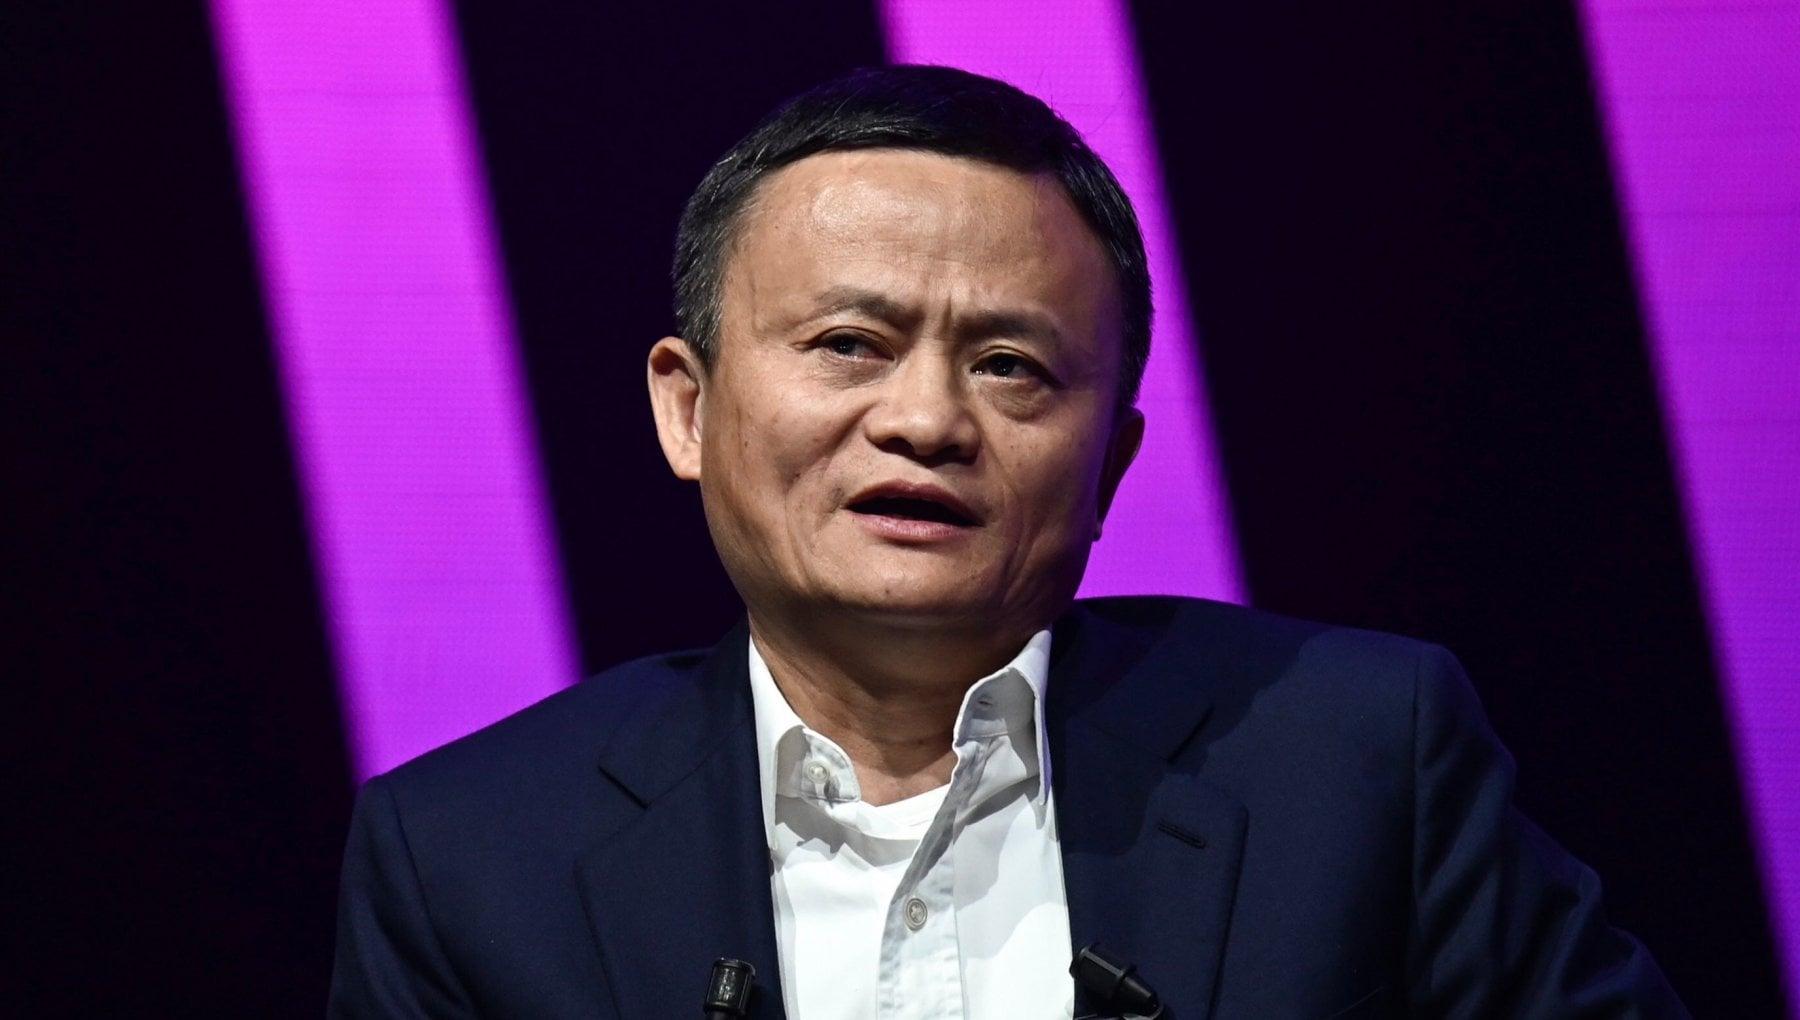 Cina riappare in pubblico il miliardario Jack Ma